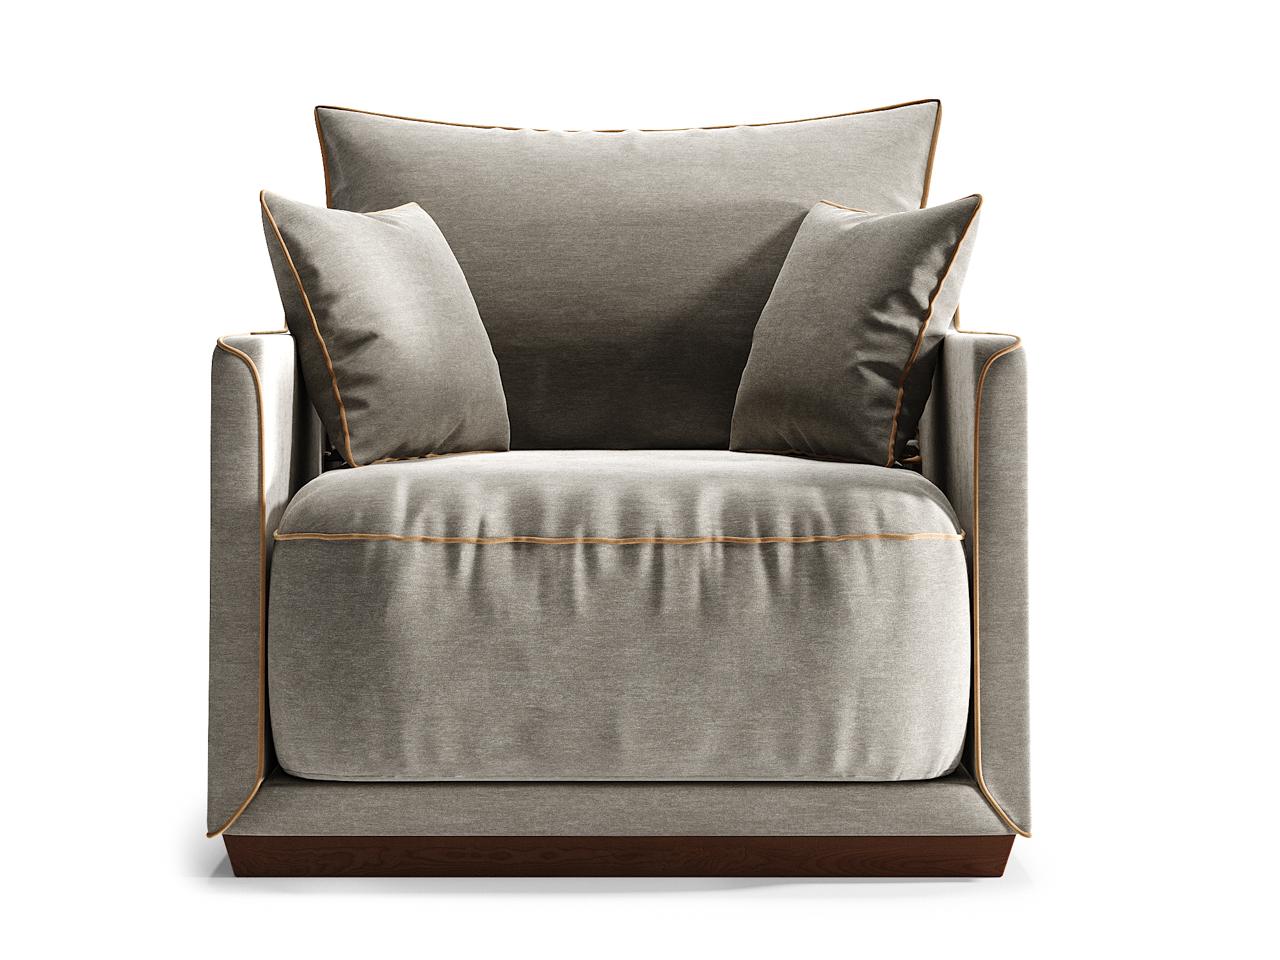 Кресло SohoИнтерьерные кресла<br>Кресло SOHO станет прекрасным акцентом в вашем интерьере, а также может стать отличным дополнением к дивану SOHO.Оно гармонично сочетает в себе мягкие пуховые подушки, удобные и глубокие нижние подушки, основательный цоколь и прочный каркас из массива березы. Изюминкой коллекции стали декоративные канты, цвет которых можно выбрать наравне с основной отделкой диванов из палитры The IDEA. Дополняют образ плавные боковые линии каркаса.&amp;lt;div&amp;gt;&amp;lt;br&amp;gt;&amp;lt;/div&amp;gt;&amp;lt;div&amp;gt;&amp;lt;div&amp;gt;Цвет: береза Тобакко, ткань категория 1. шенил 22+29.&amp;lt;/div&amp;gt;&amp;lt;div&amp;gt;Цвет канта можно выбрать из палитры тканей Категории 2.&amp;lt;br&amp;gt;&amp;lt;/div&amp;gt;&amp;lt;div&amp;gt;Материал: массив березы, фанера, обивка - ткань, прорезиненный пенополиуретан, холлофайбер, пух-перо.&amp;lt;/div&amp;gt;&amp;lt;/div&amp;gt;<br><br>Material: Текстиль<br>Ширина см: 94.0<br>Высота см: 92.0<br>Глубина см: 94.0